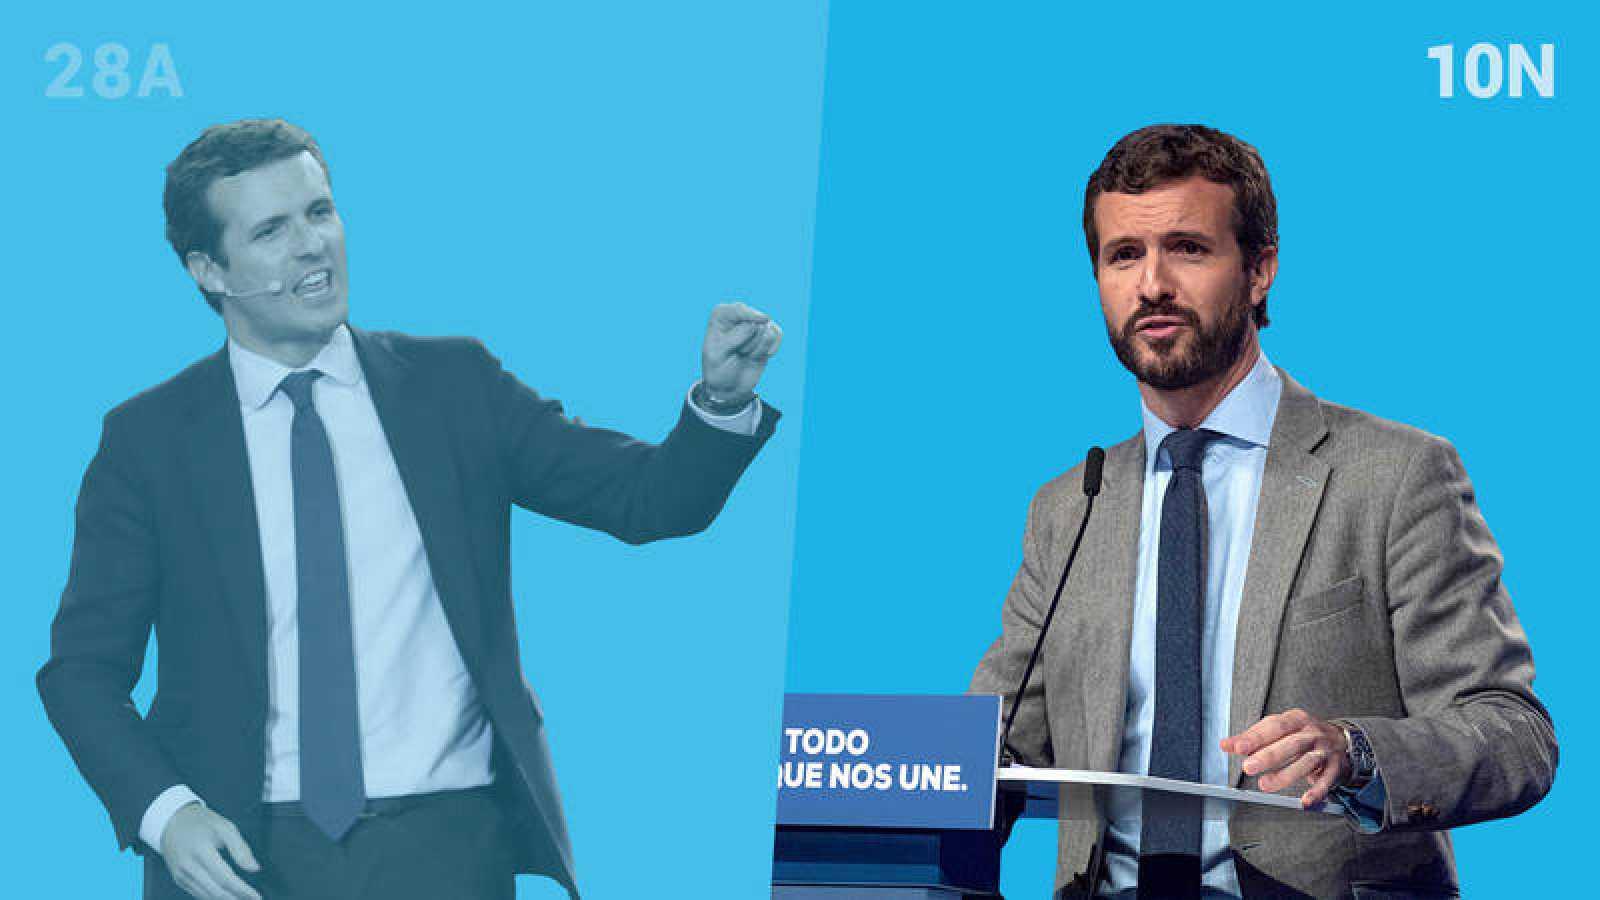 Elecciones generales: Pablo Casado (PP) en las elecciones del 28A y del 10N